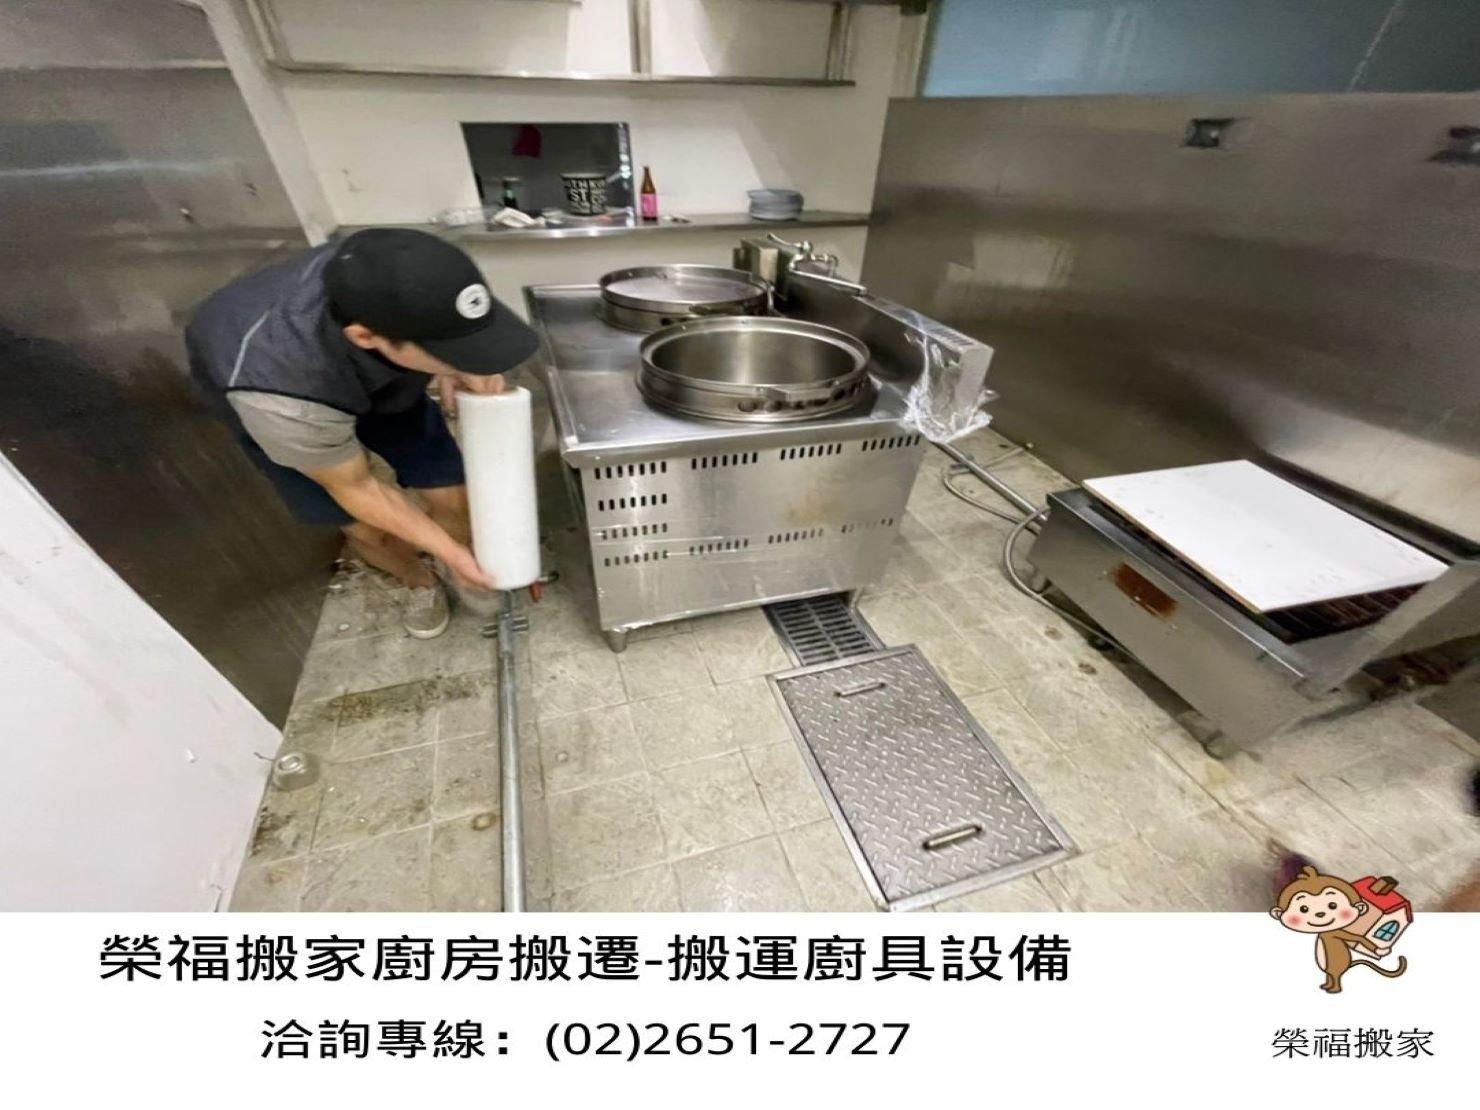 【店面搬遷】中央廚房搬遷搬運廚具設備,看榮福搬家如何專業快速完成店面搬遷服務